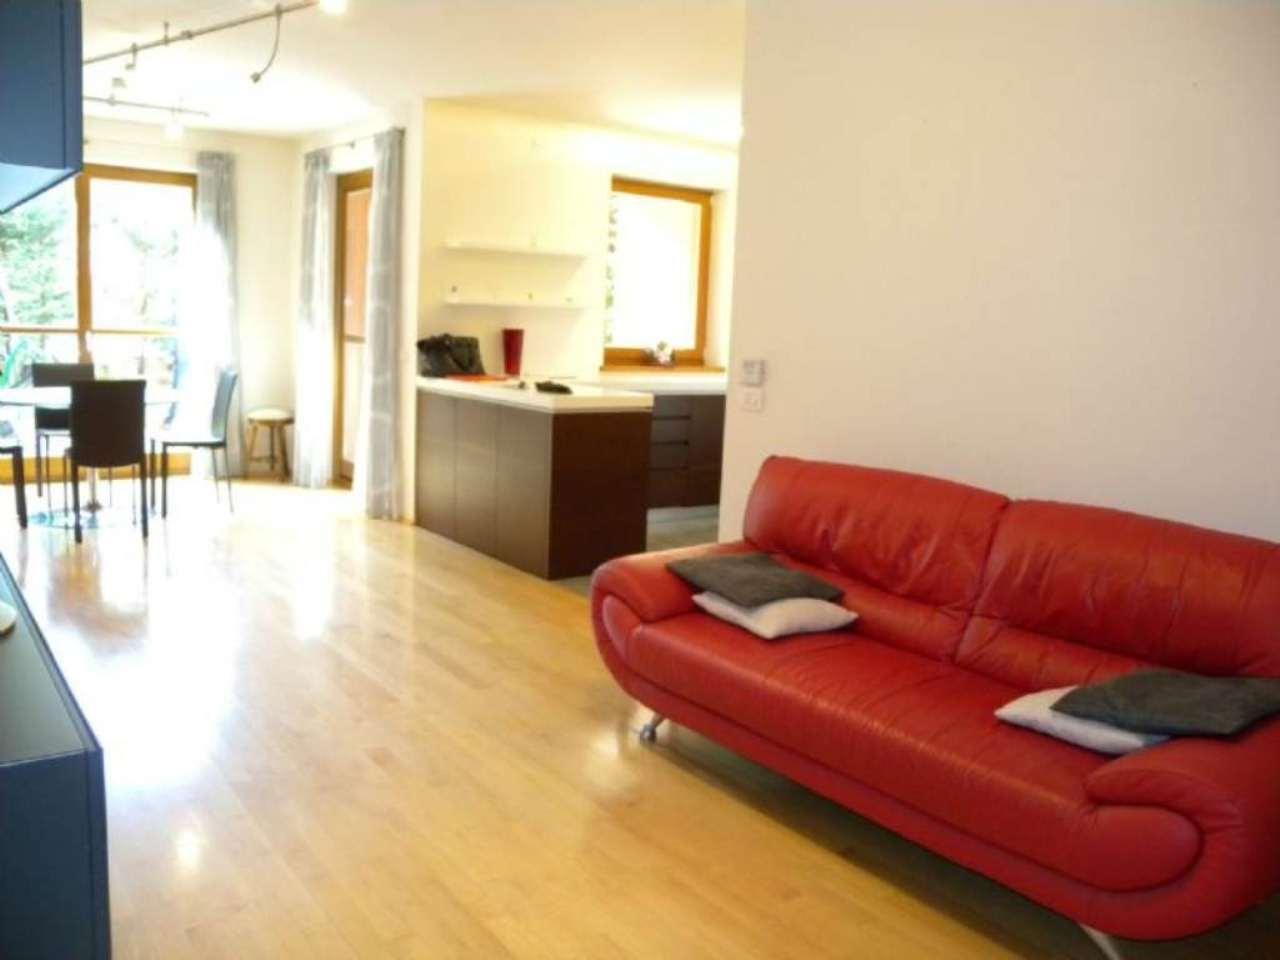 Appartamento in vendita a Bolzano, 3 locali, prezzo € 330.000 | Cambio Casa.it